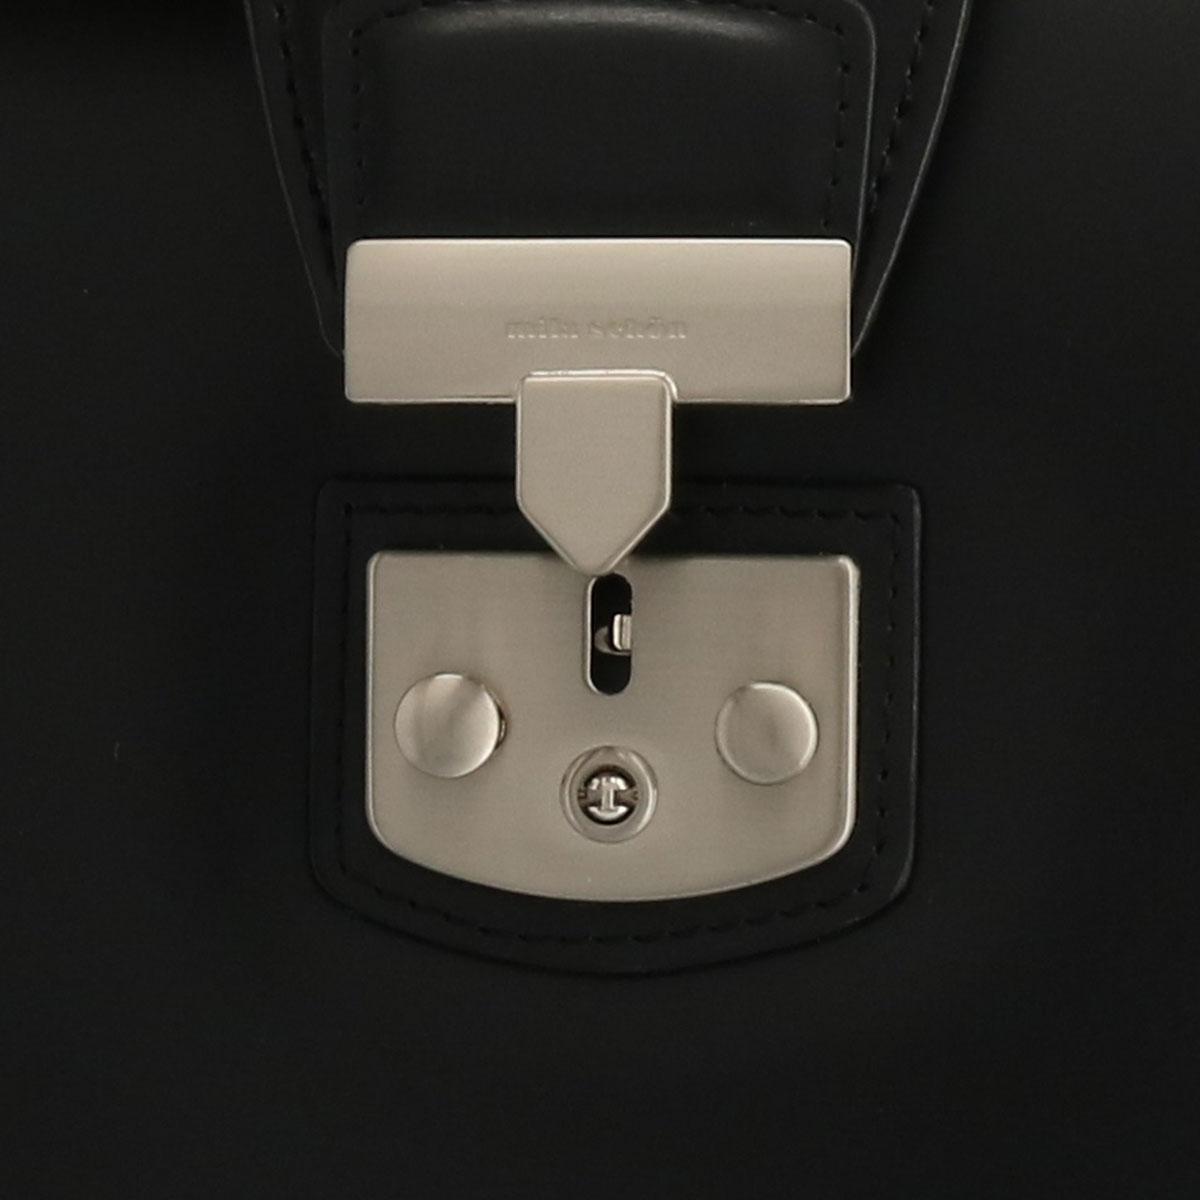 ミラショーン ブリーフケース 2WAY メンズ 日本製 ニュートレノ 299553 | milaschon ショルダーバッグ ビジネスバッグ 鍵付 本革 レザー[PO5][bef]